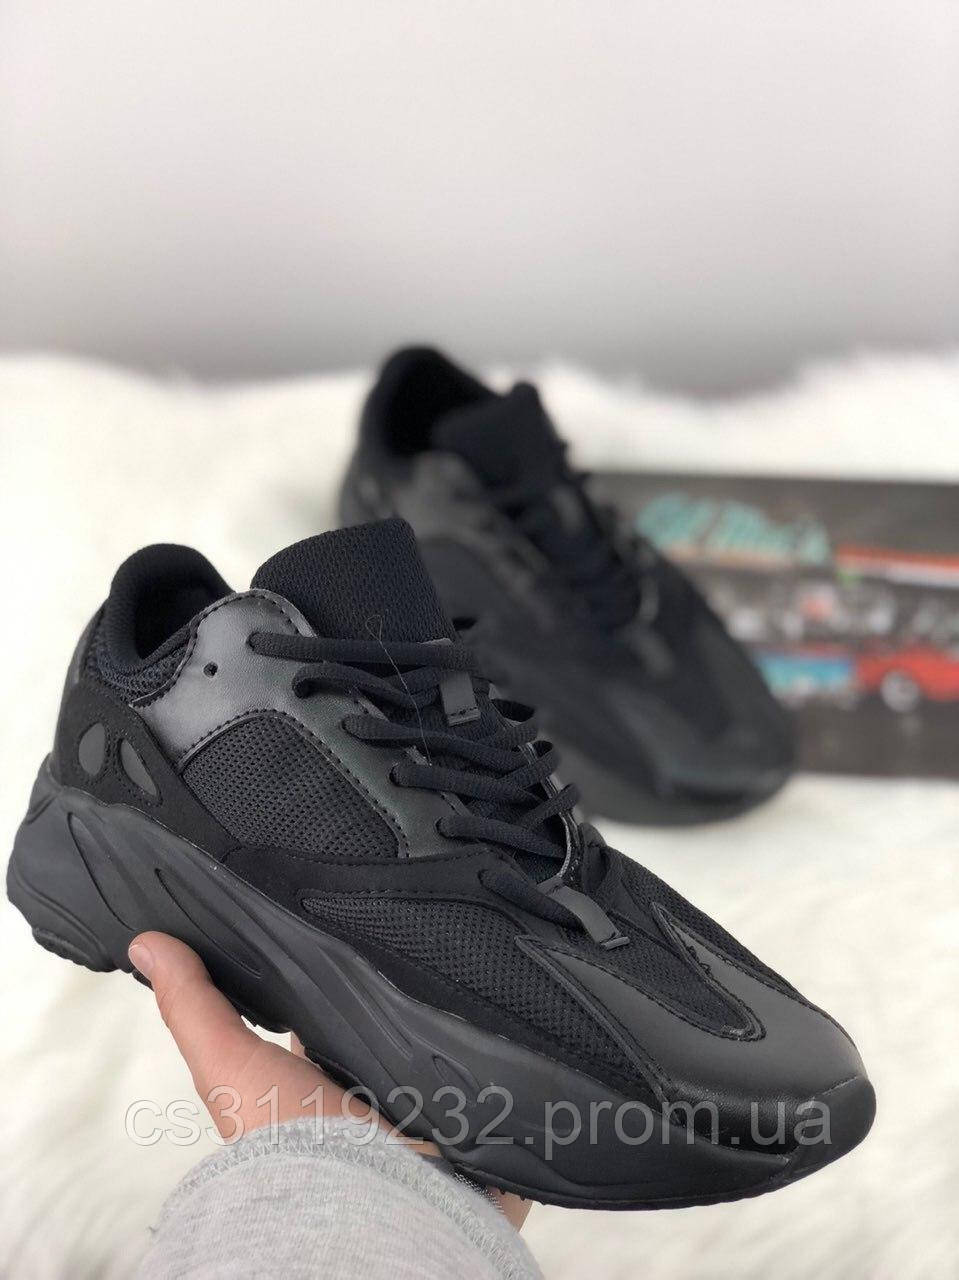 Жіночі кросівки Adidas Yeezy Boost 700 Black (чорні)